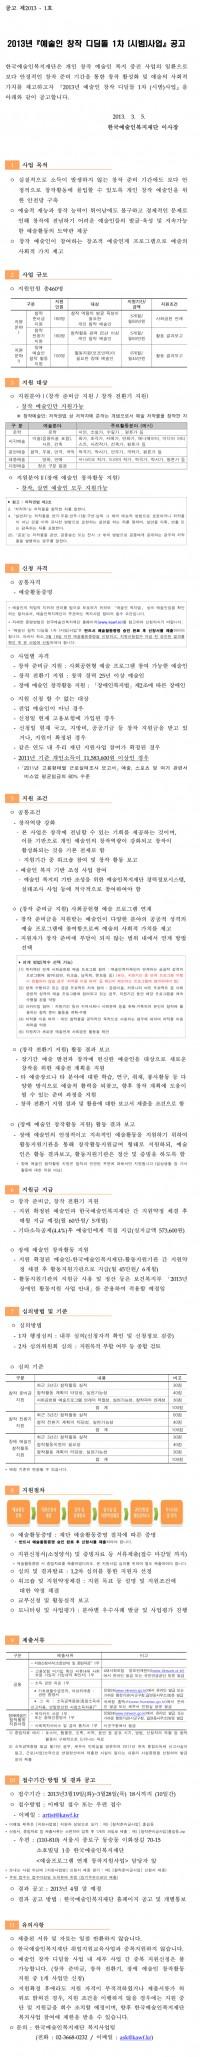 (붙임2)예술인_창작_디딤돌_1차_사업_공고문.jpg